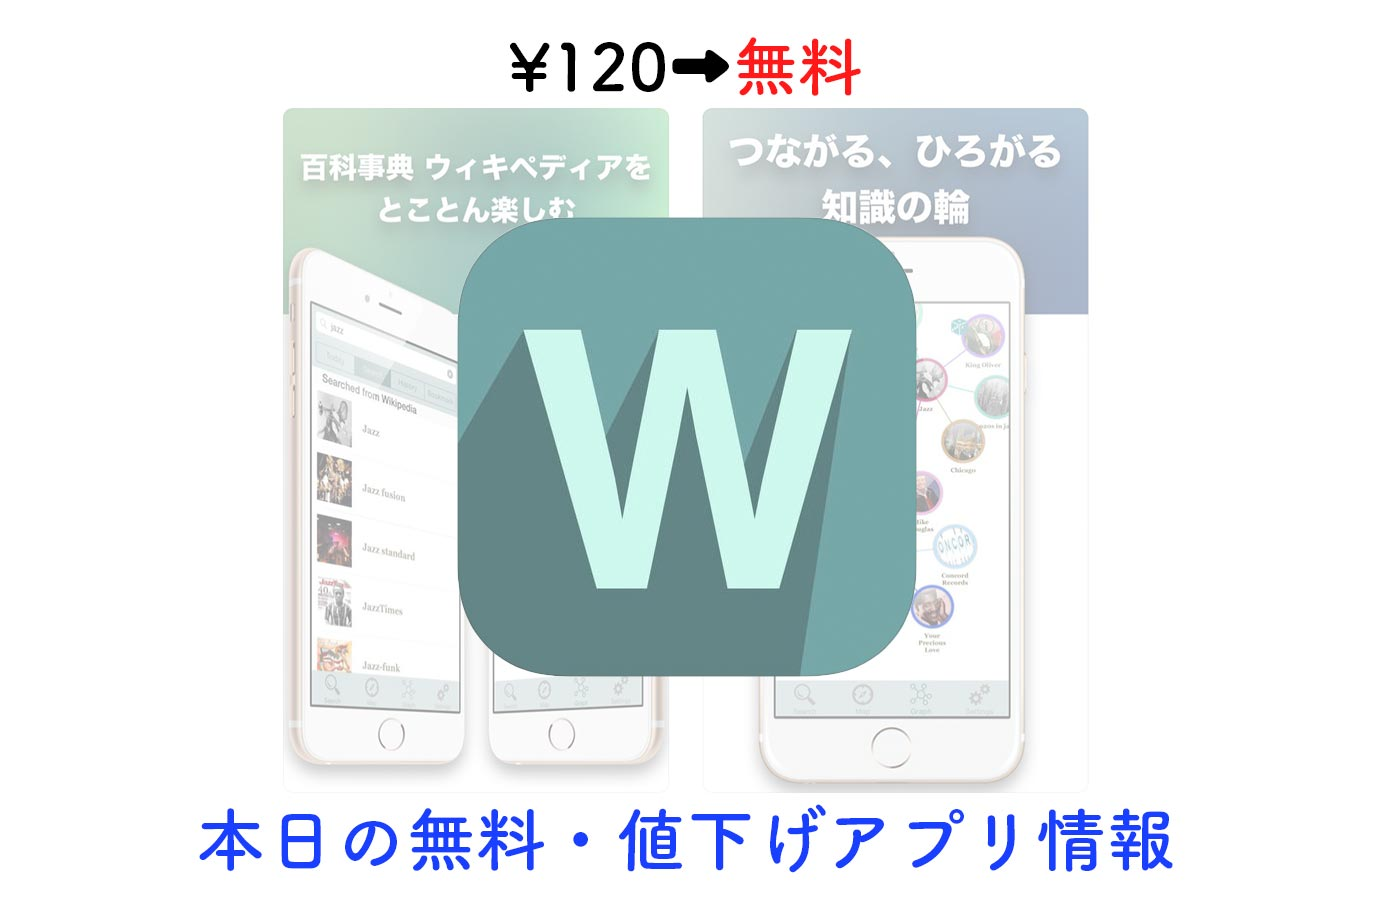 120円→無料、ウィキペディアの記事をたどっていける「ウィキグラフ」など【5/9】セールアプリ情報